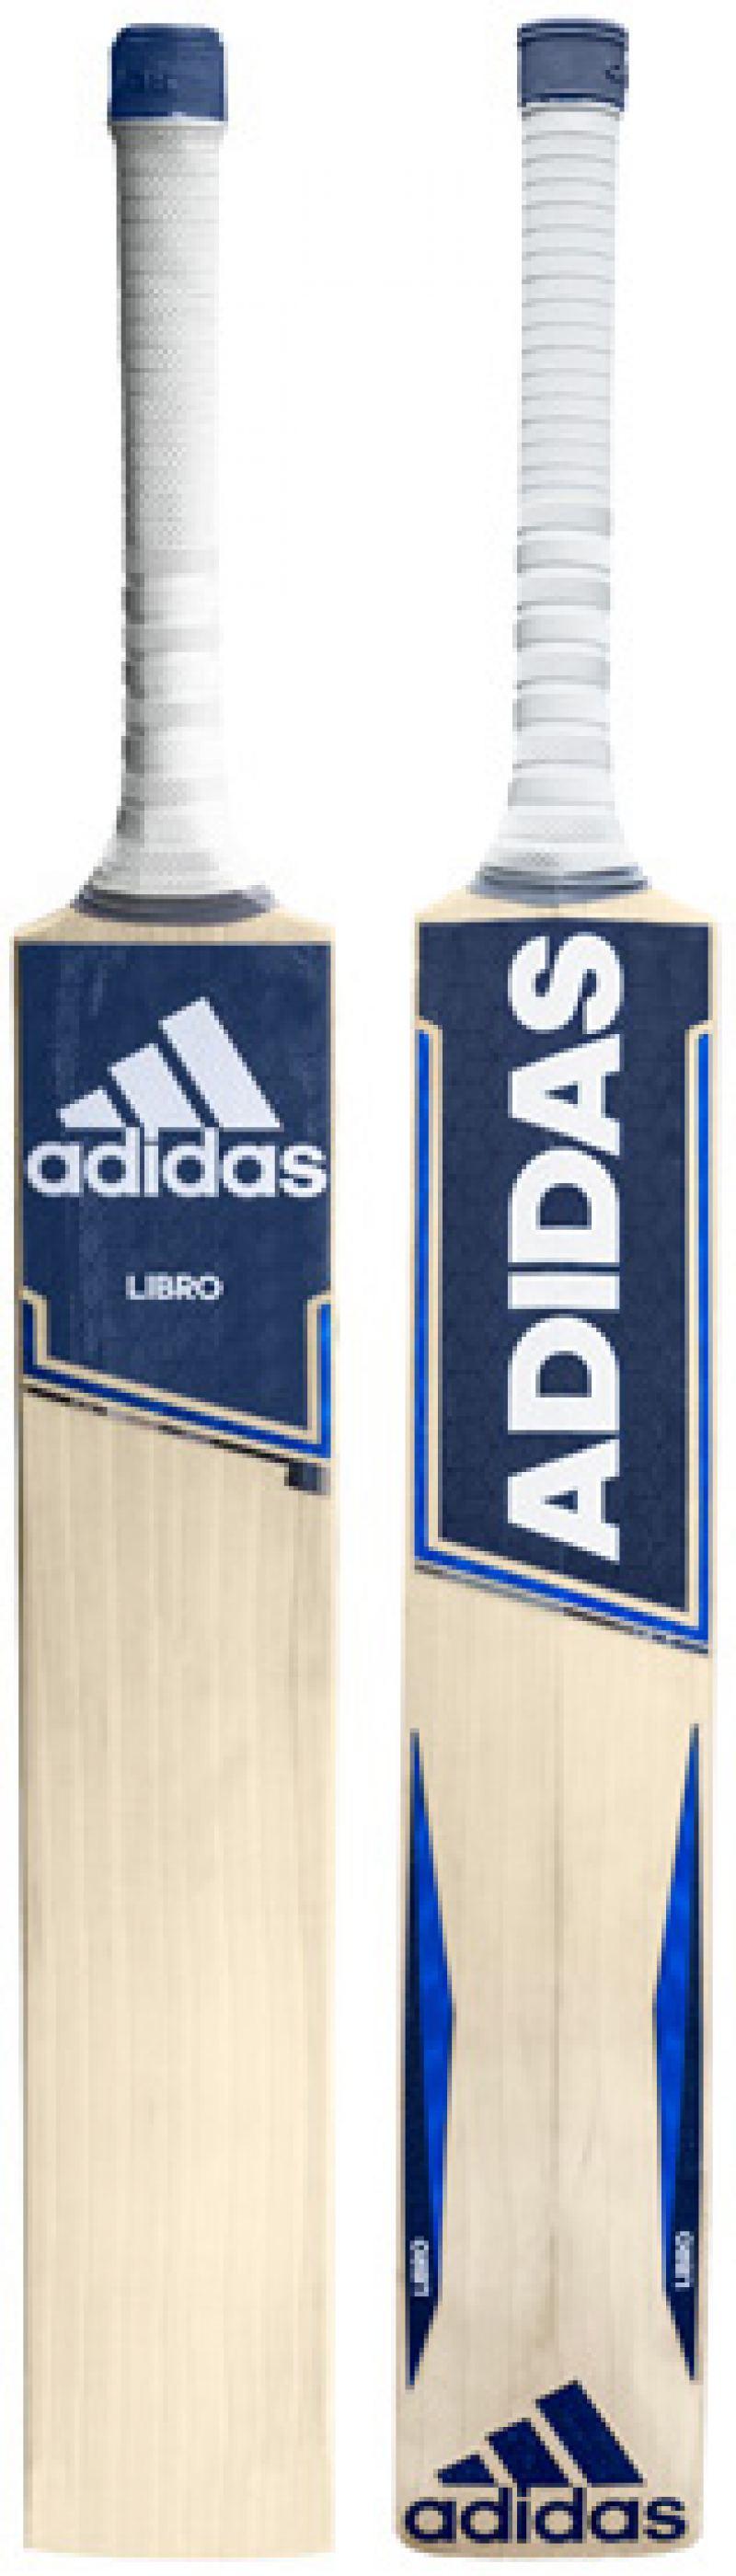 Adidas Libro 3.0 Cricket Bat